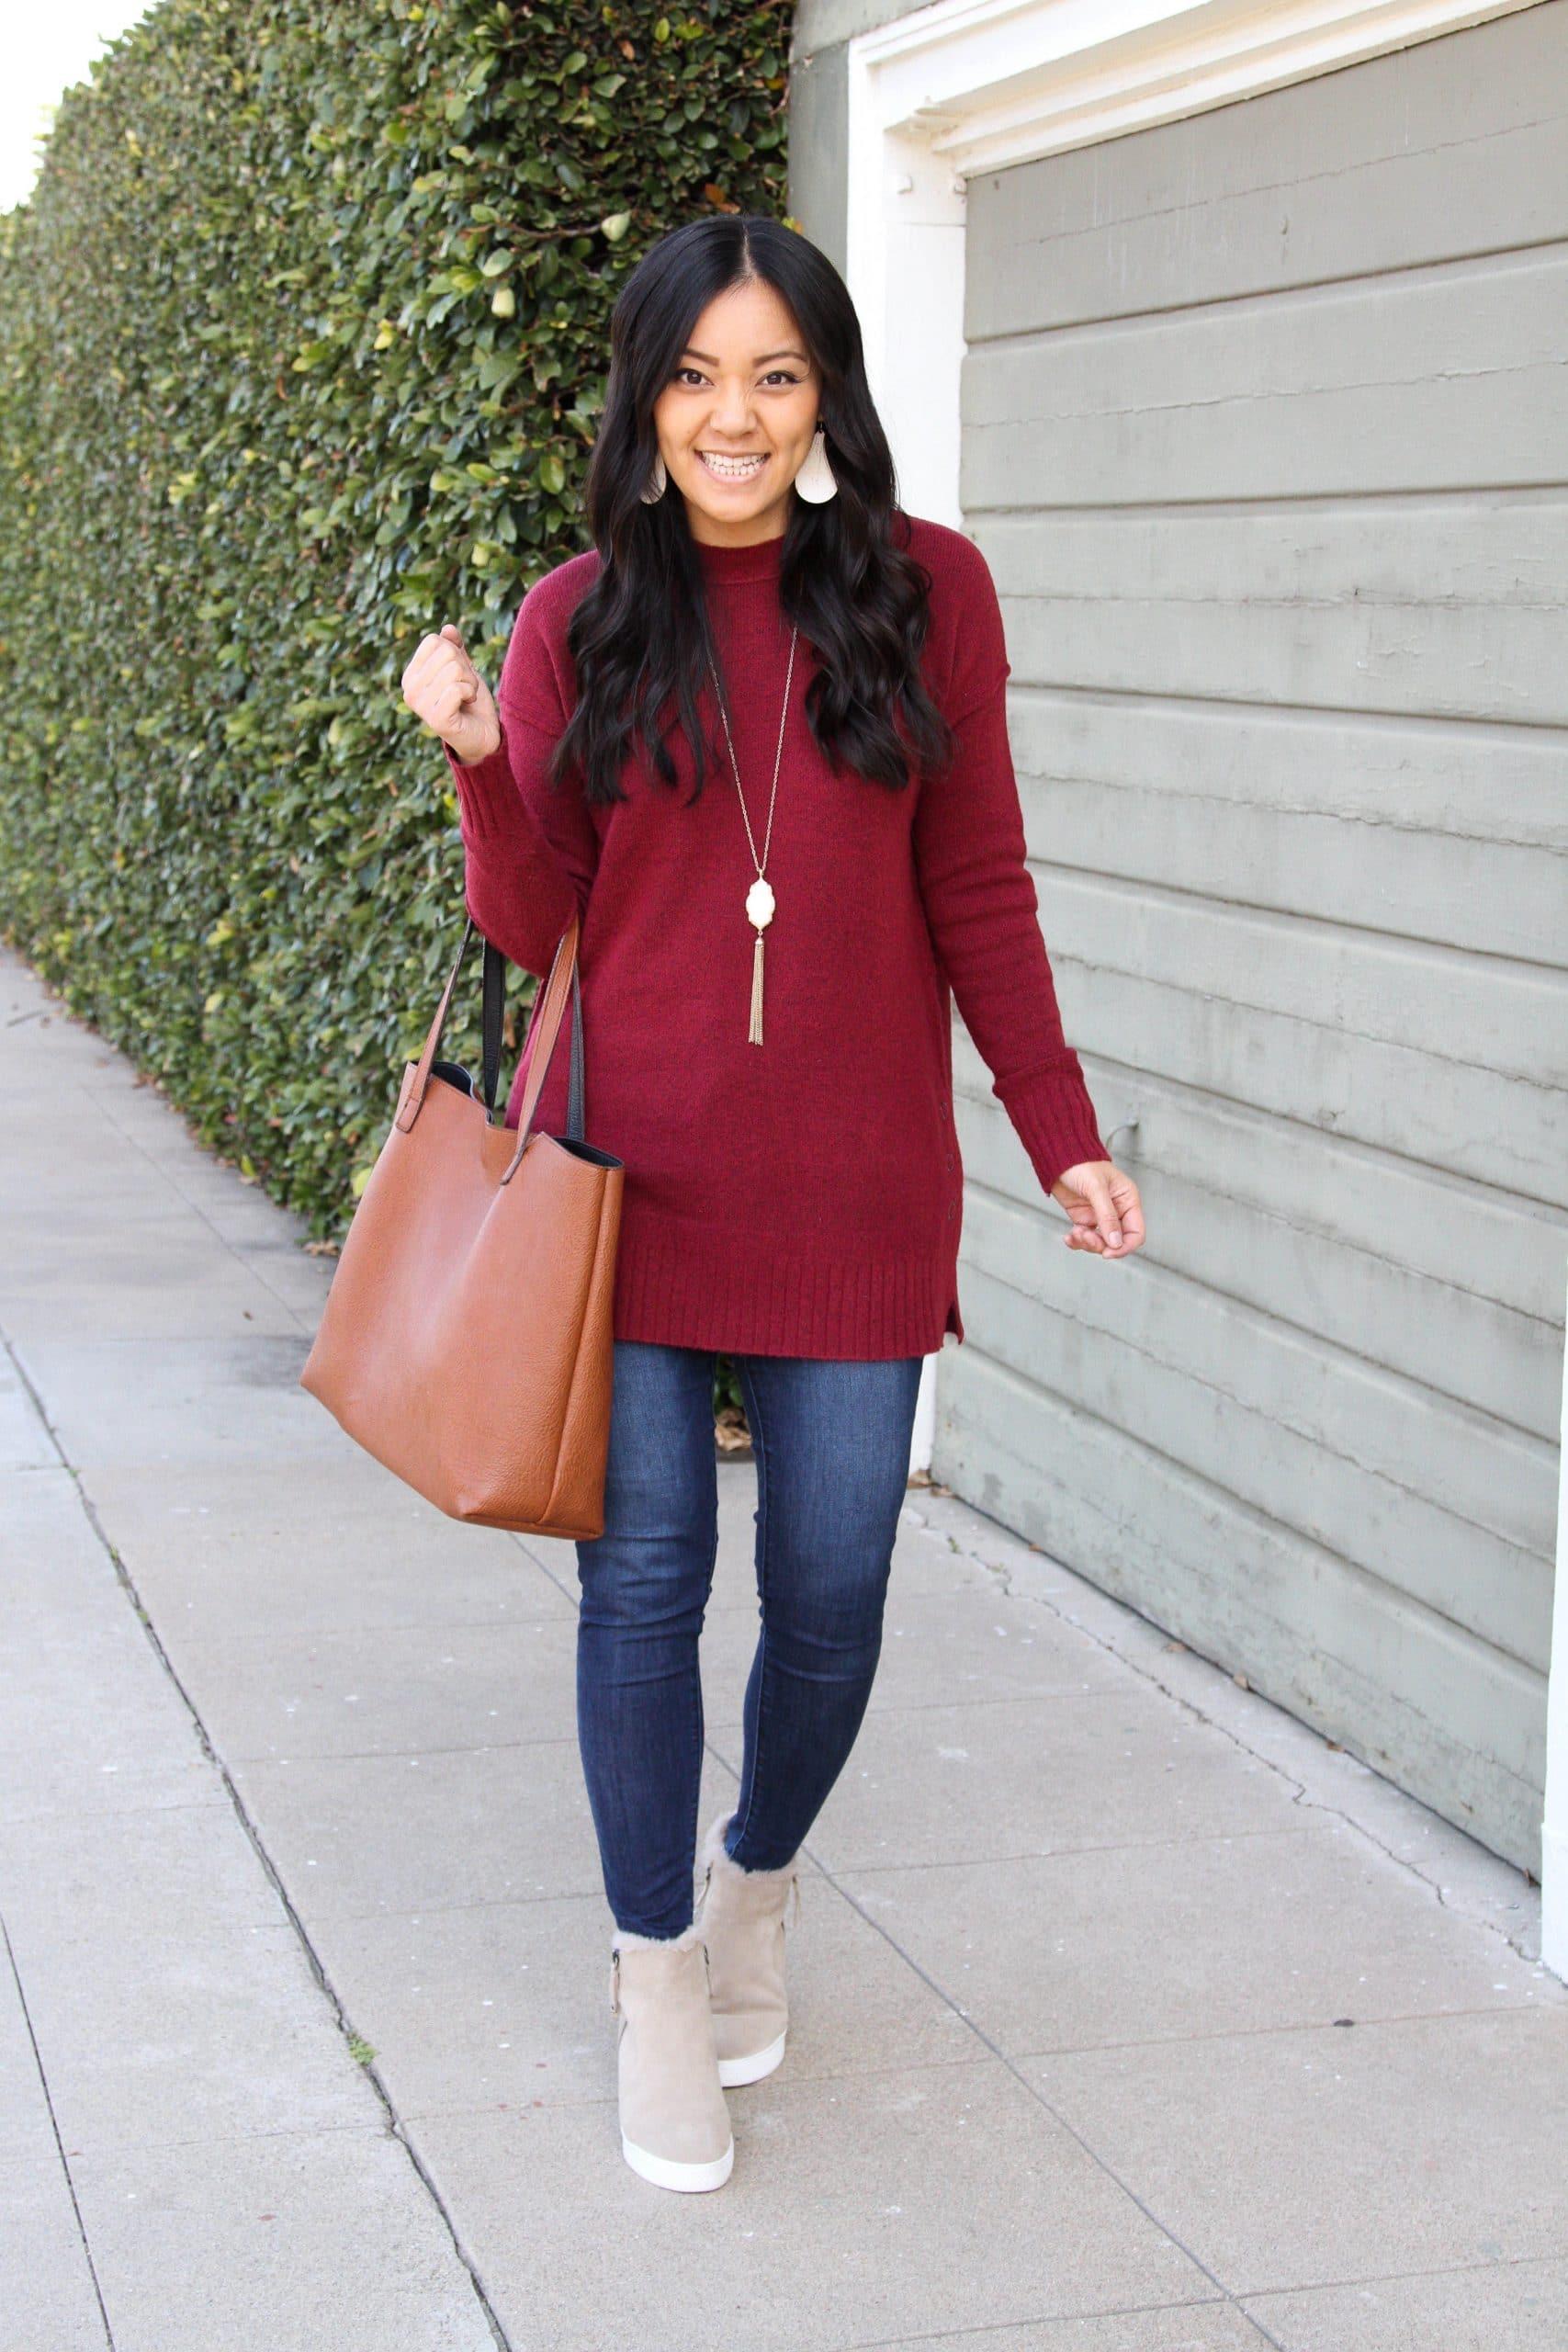 maroon sweater + skinny jeans + wedge booties + cognac tote